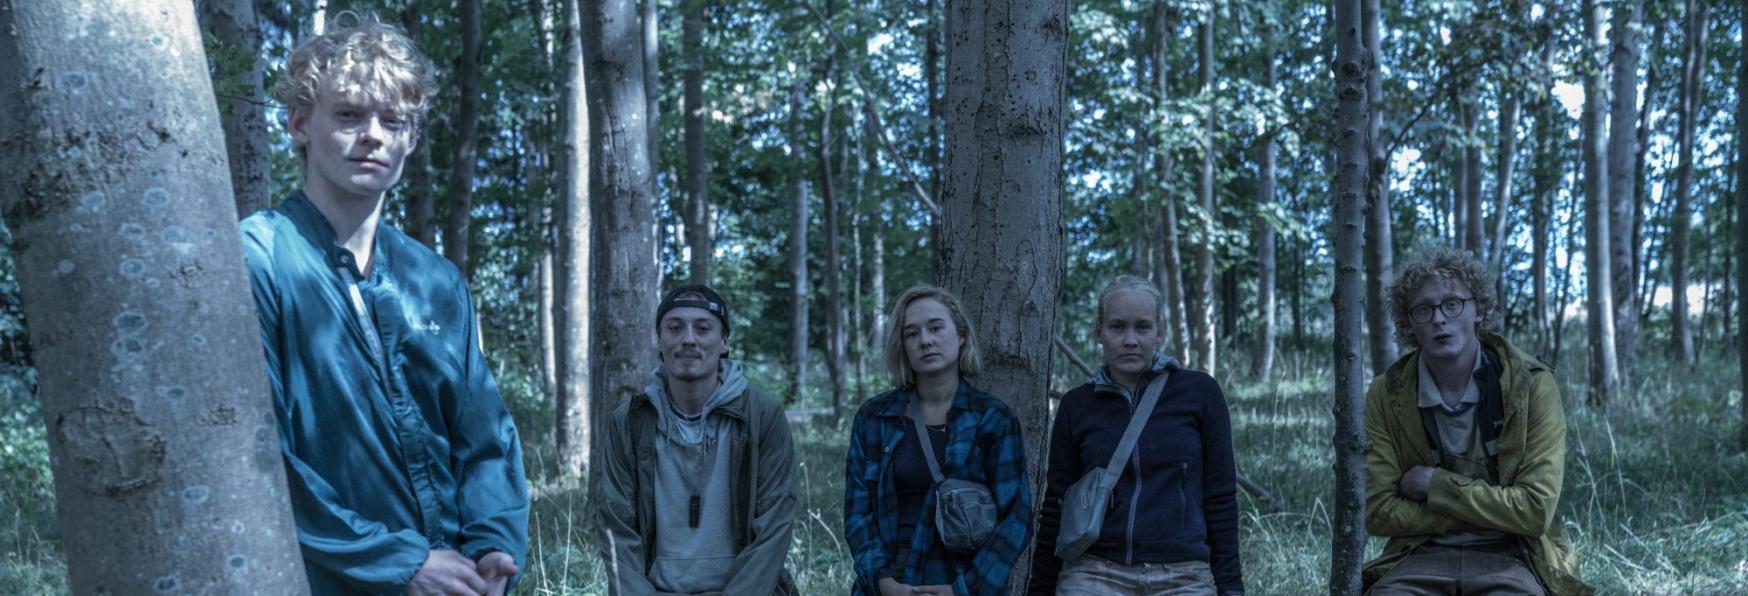 The Rain 3: Trama, Cast, Data e altre Informazioni Note sull'ultima Stagione della Serie TV Netflix